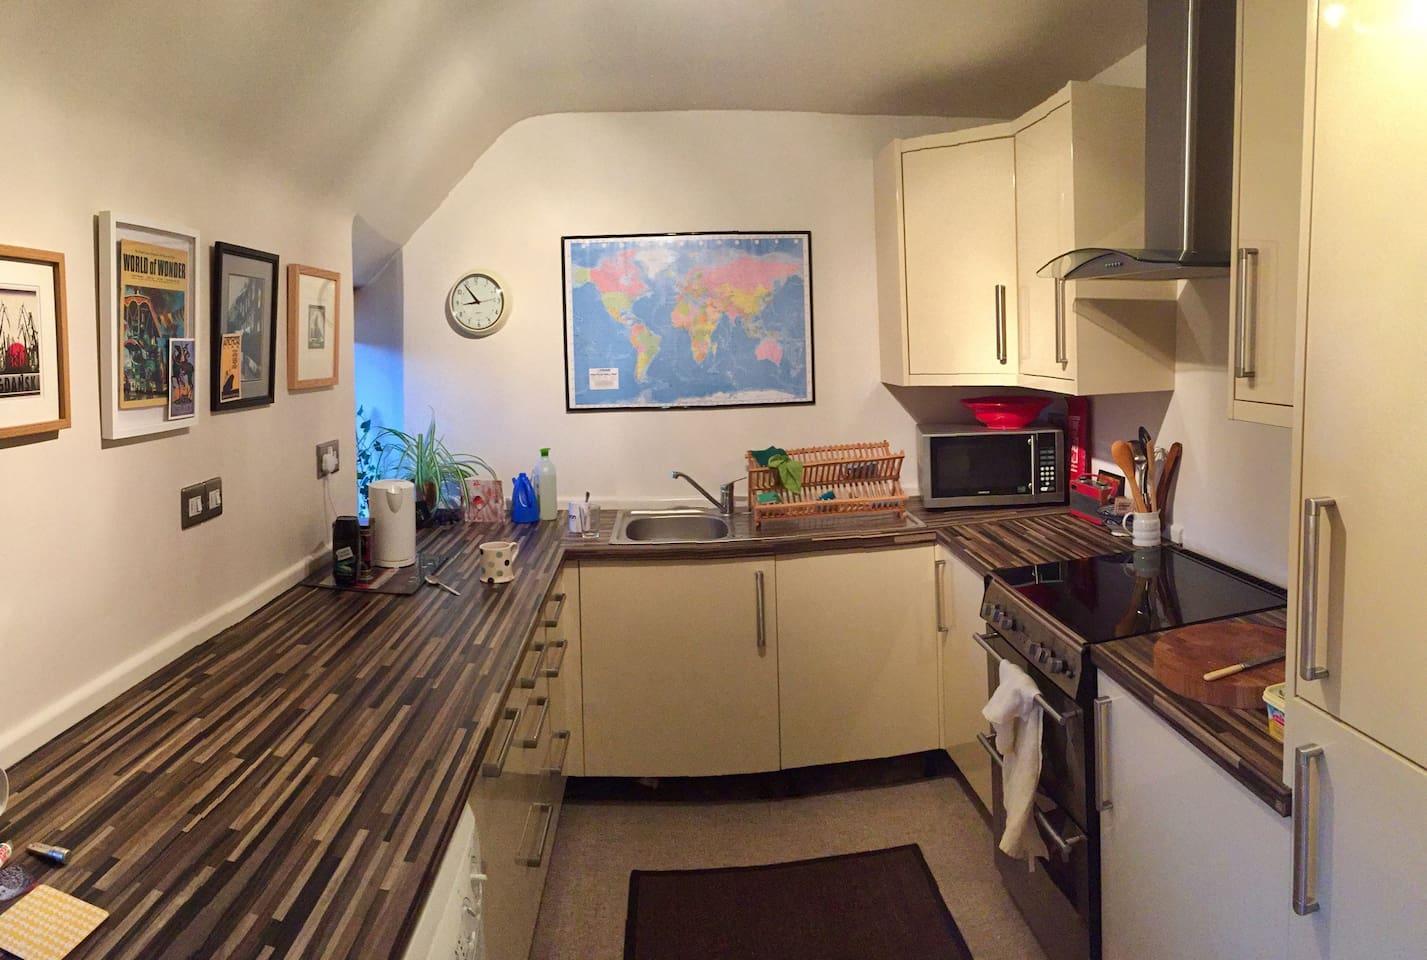 My wee kitchen!